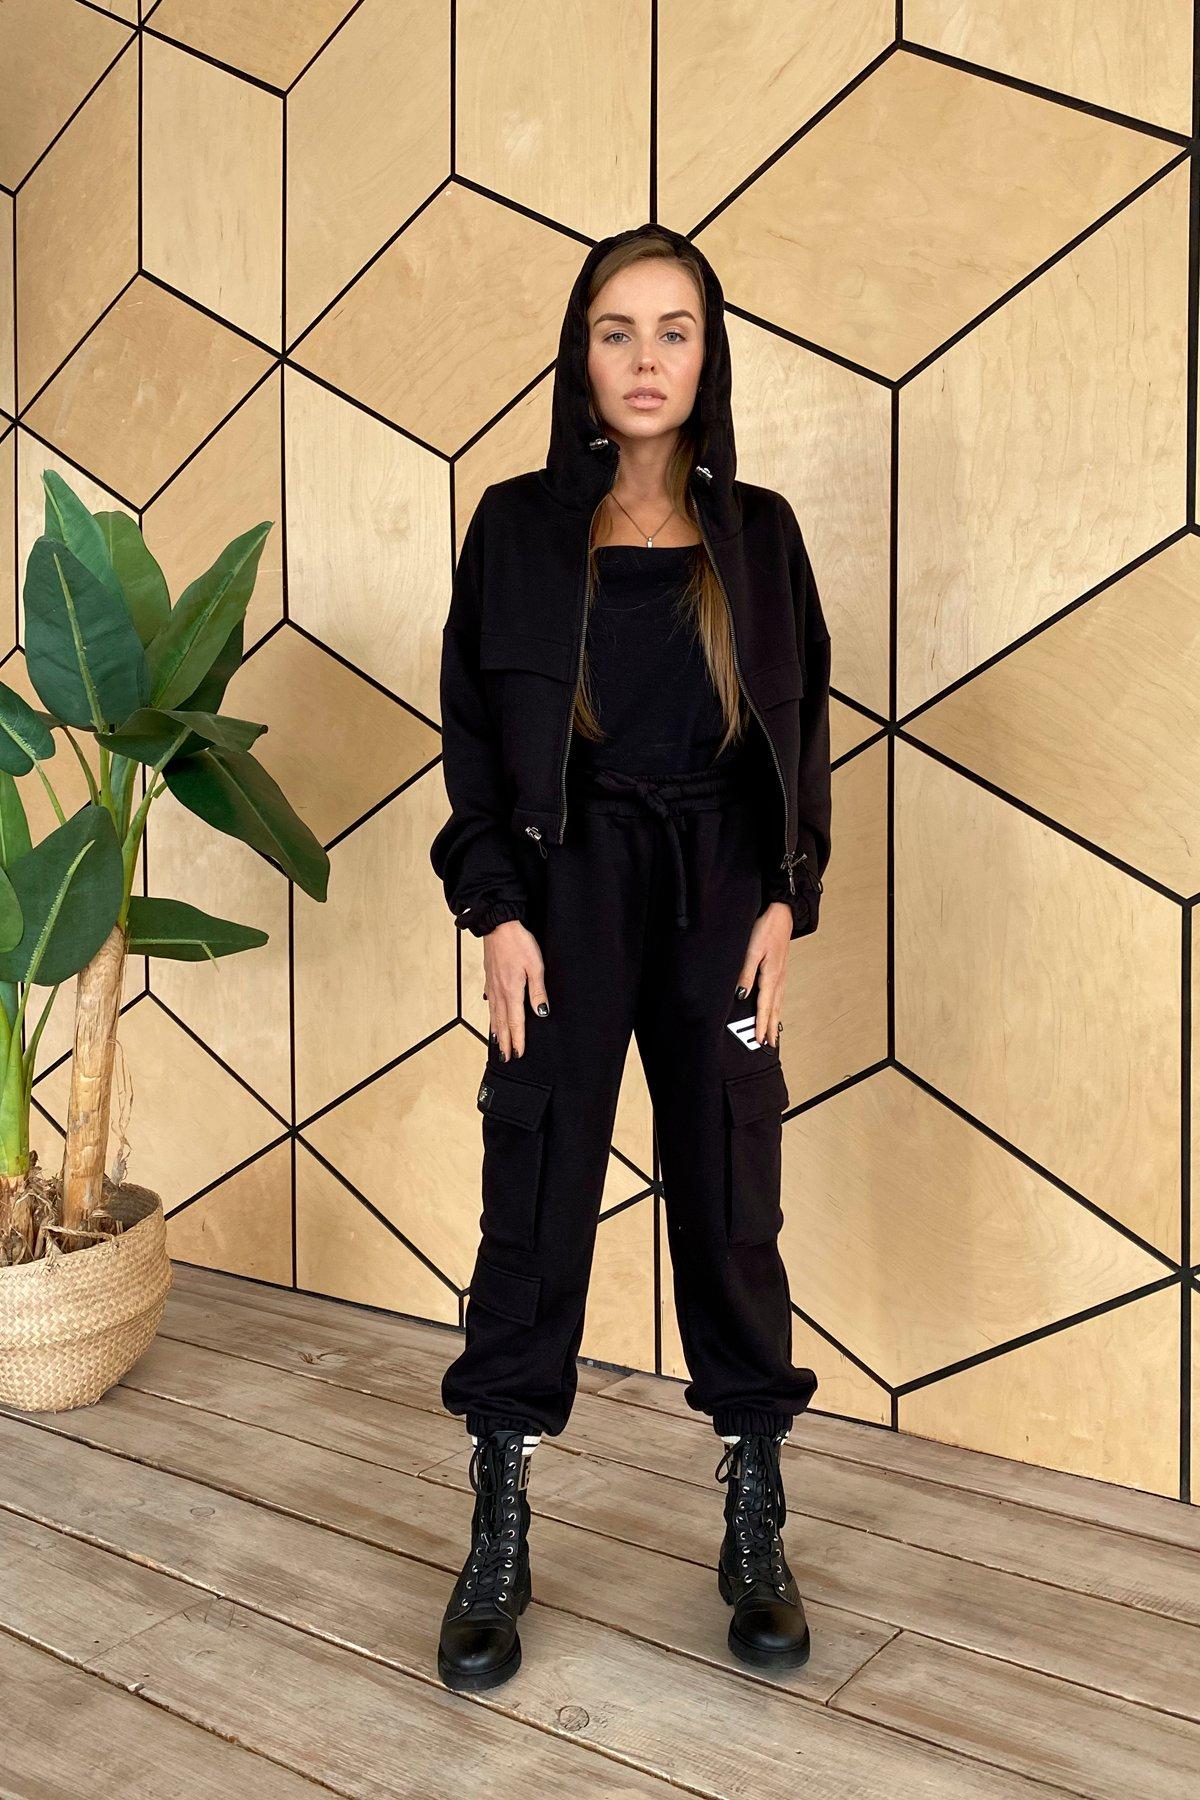 Кьюи  прогулочный костю 3х нитка с начесом 9933 АРТ. 46261 Цвет: Черный - фото 2, интернет магазин tm-modus.ru